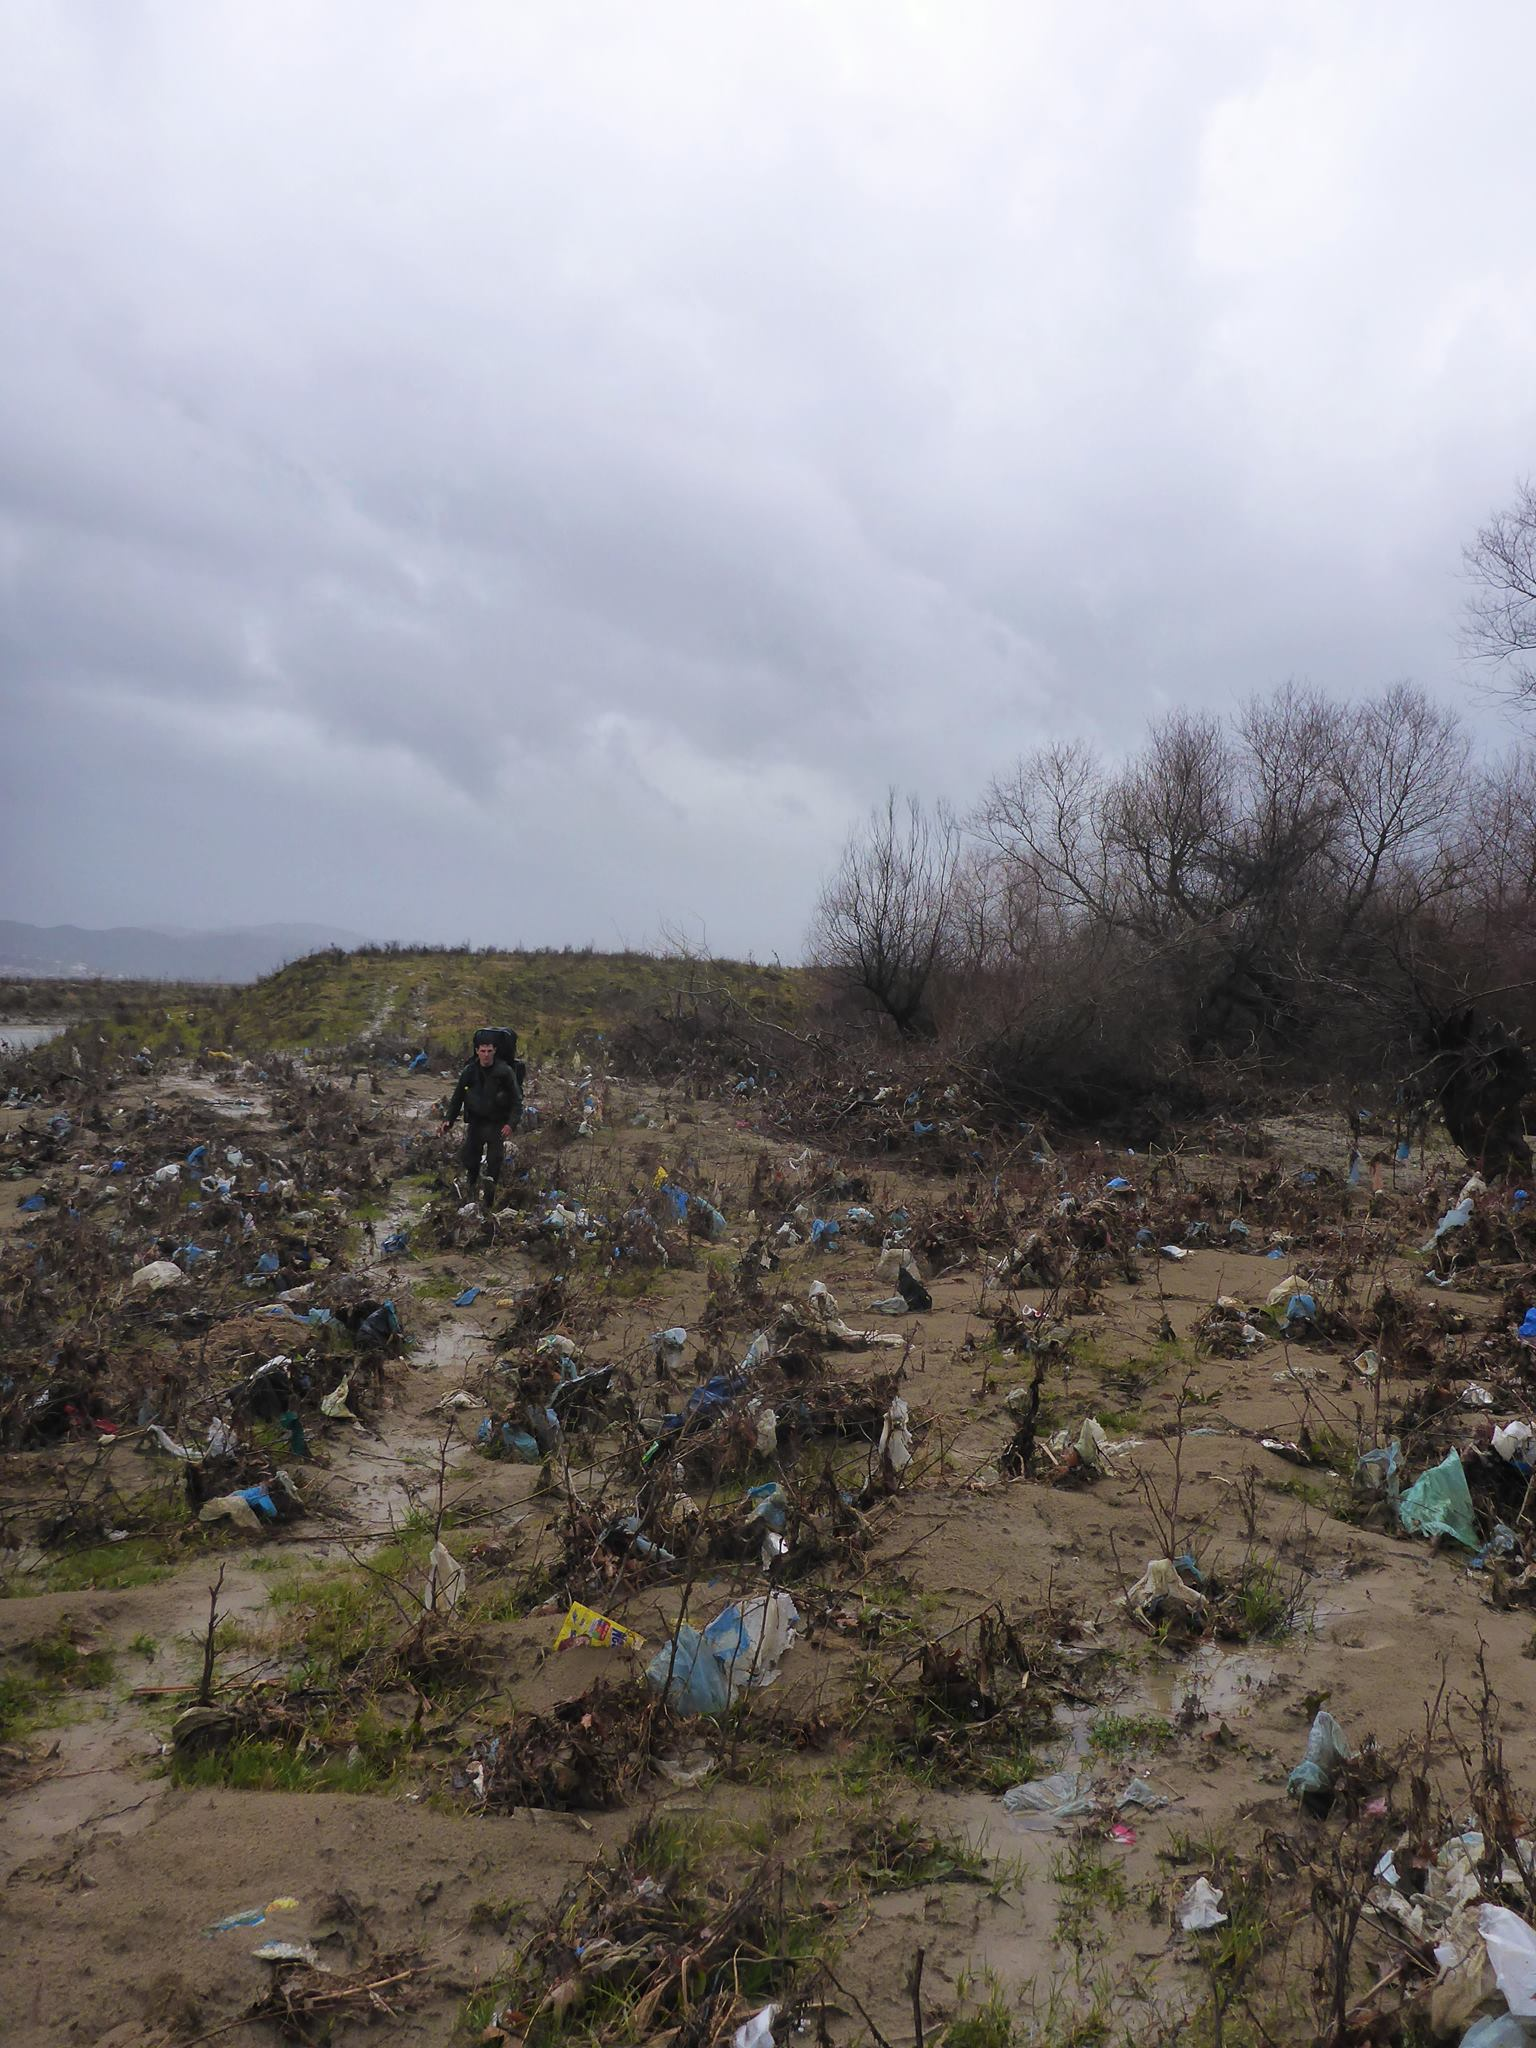 Nous marchons dans une vraie biosphère de sacs plastiques